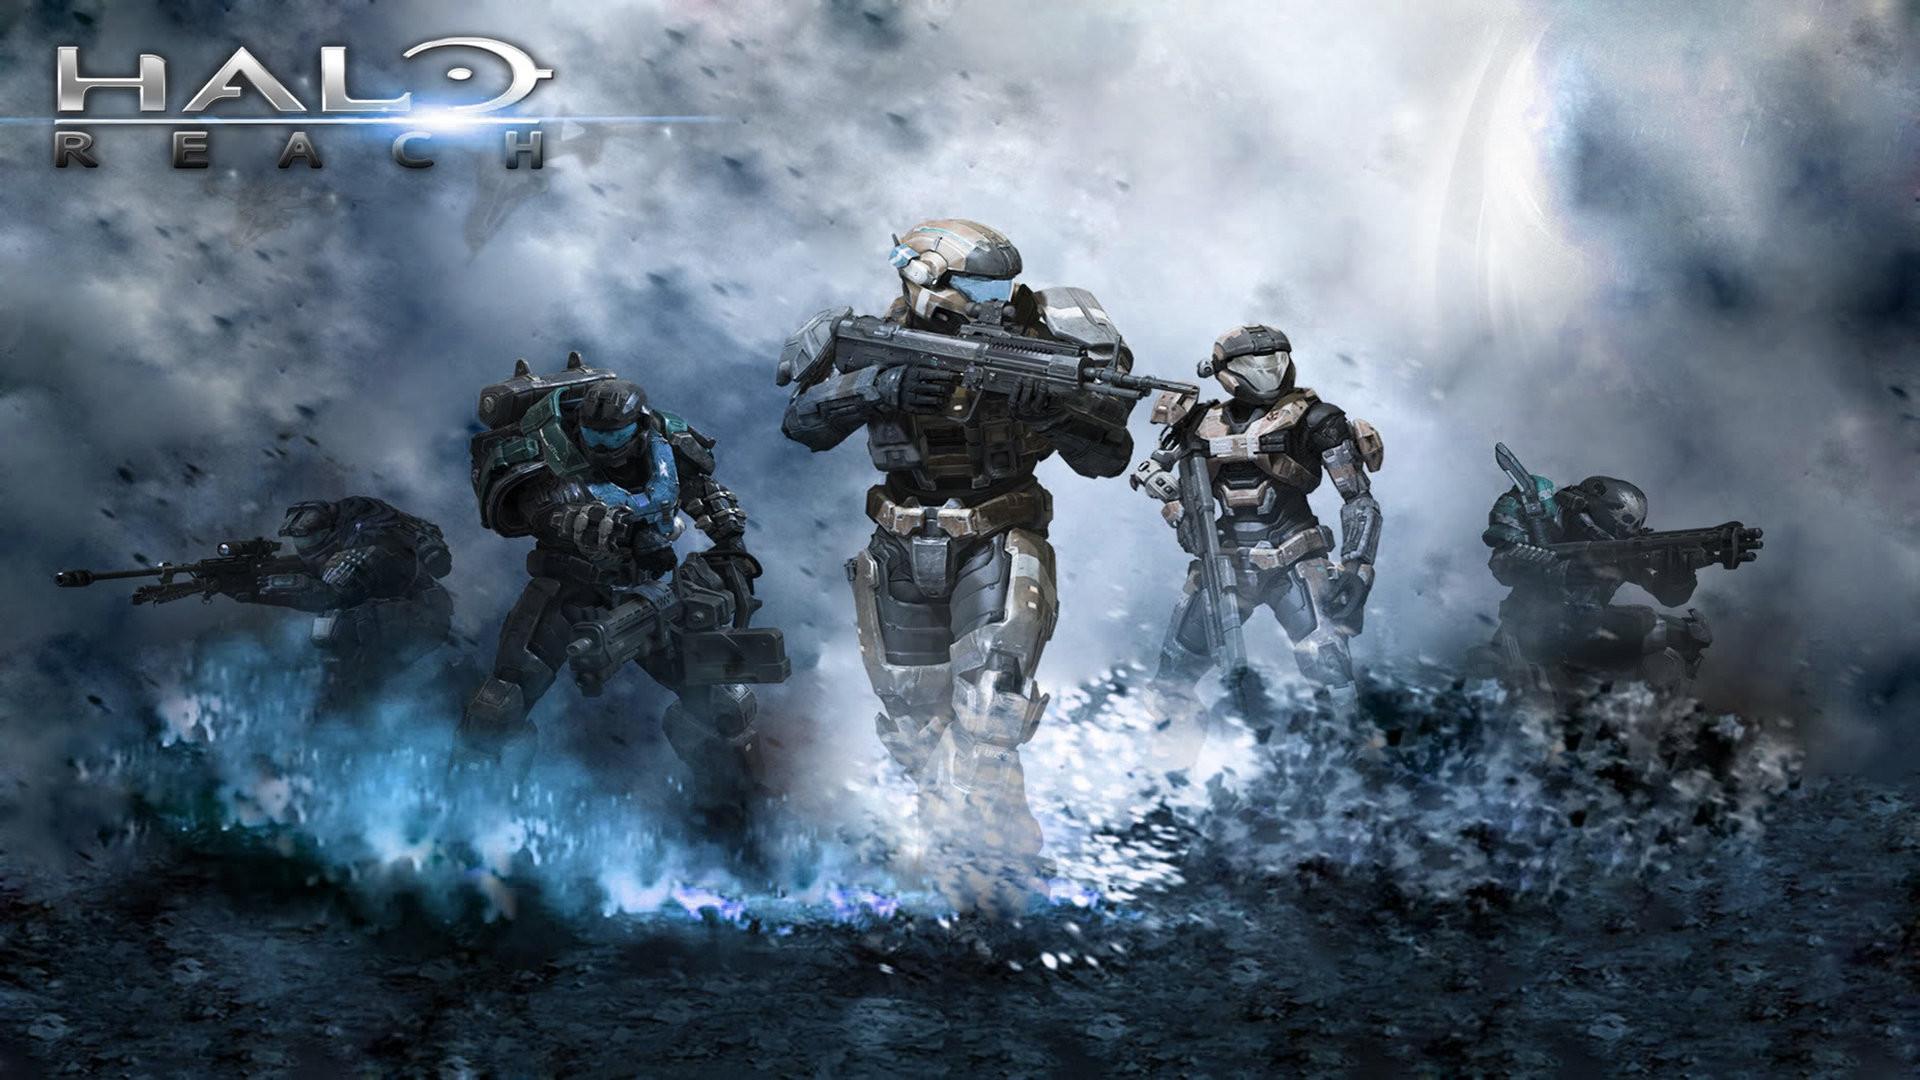 Halo 3 Wallpaper Hd Wallpapertag